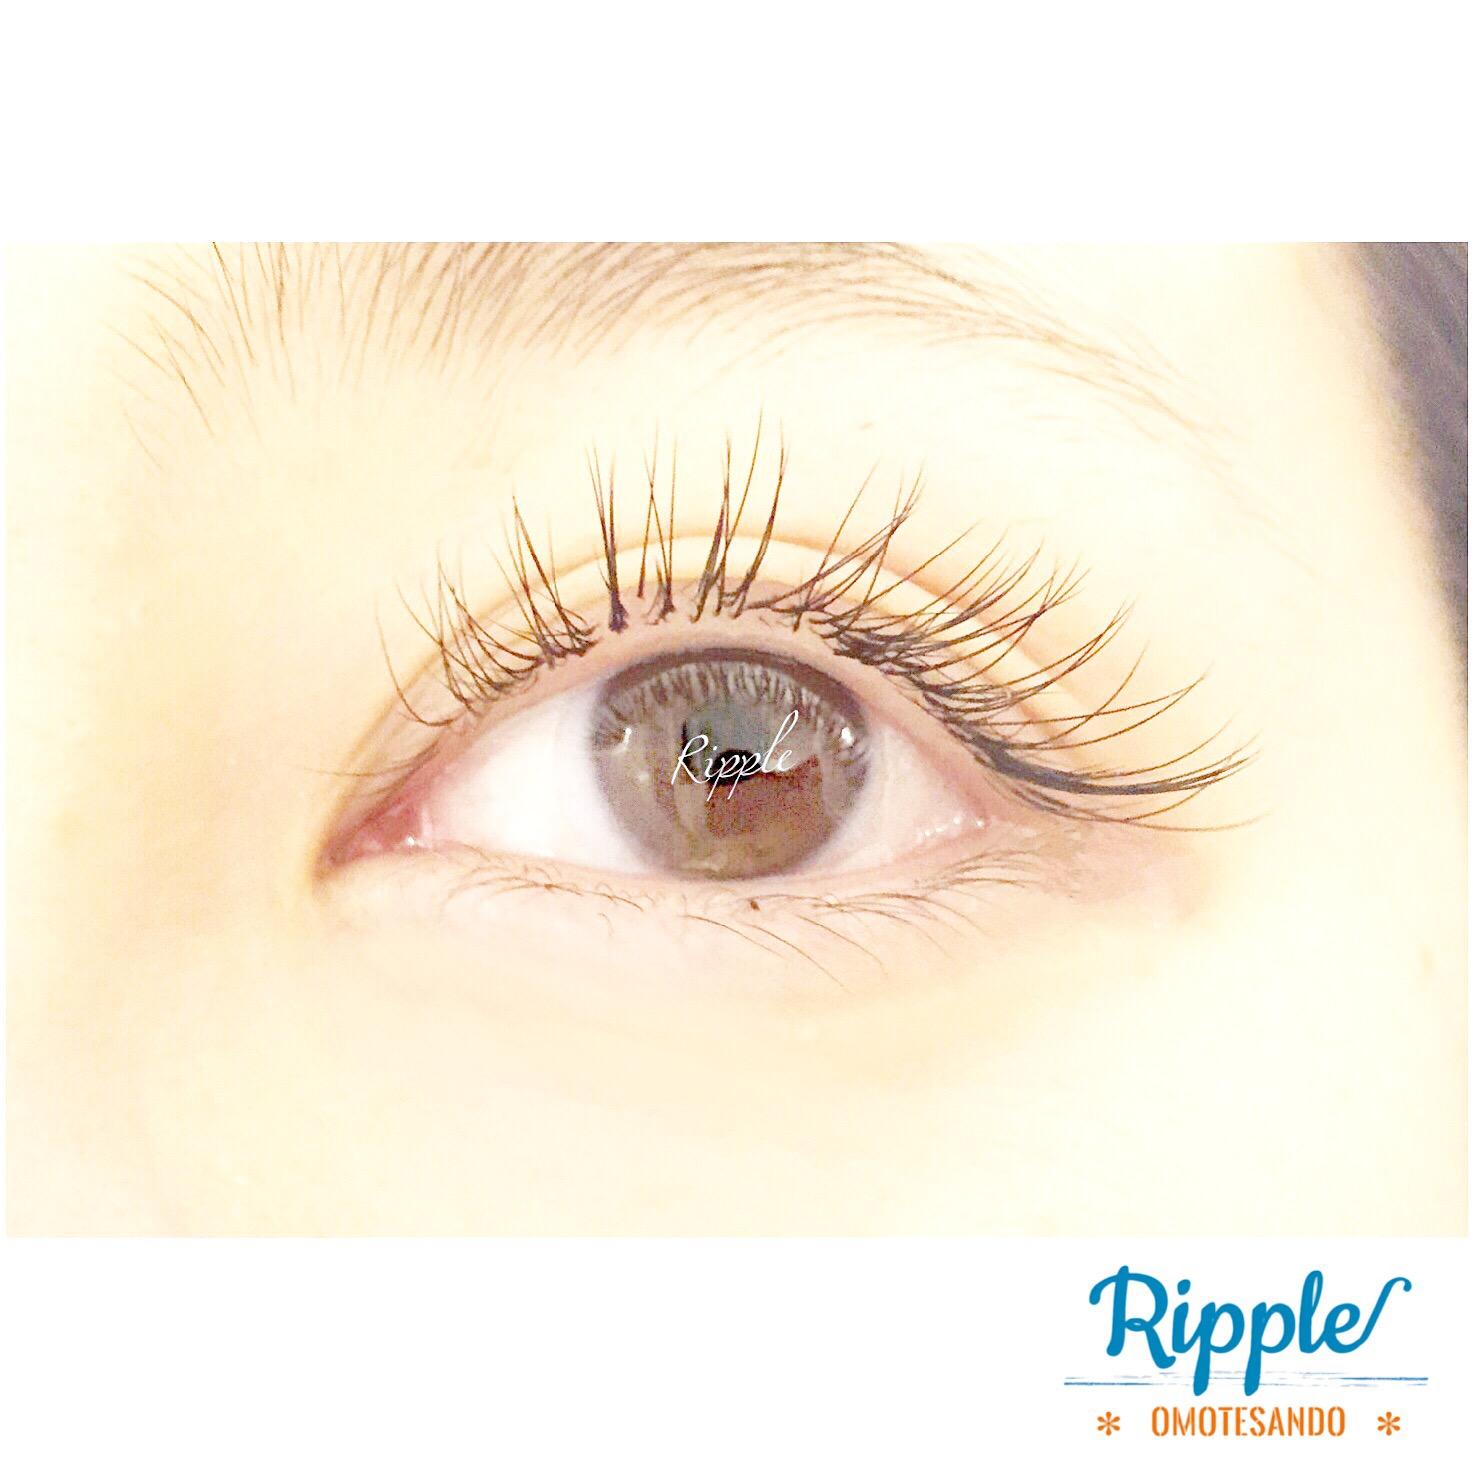 自然に目が大きく見える!自分の目に合ったマツエクの長さの選び方。